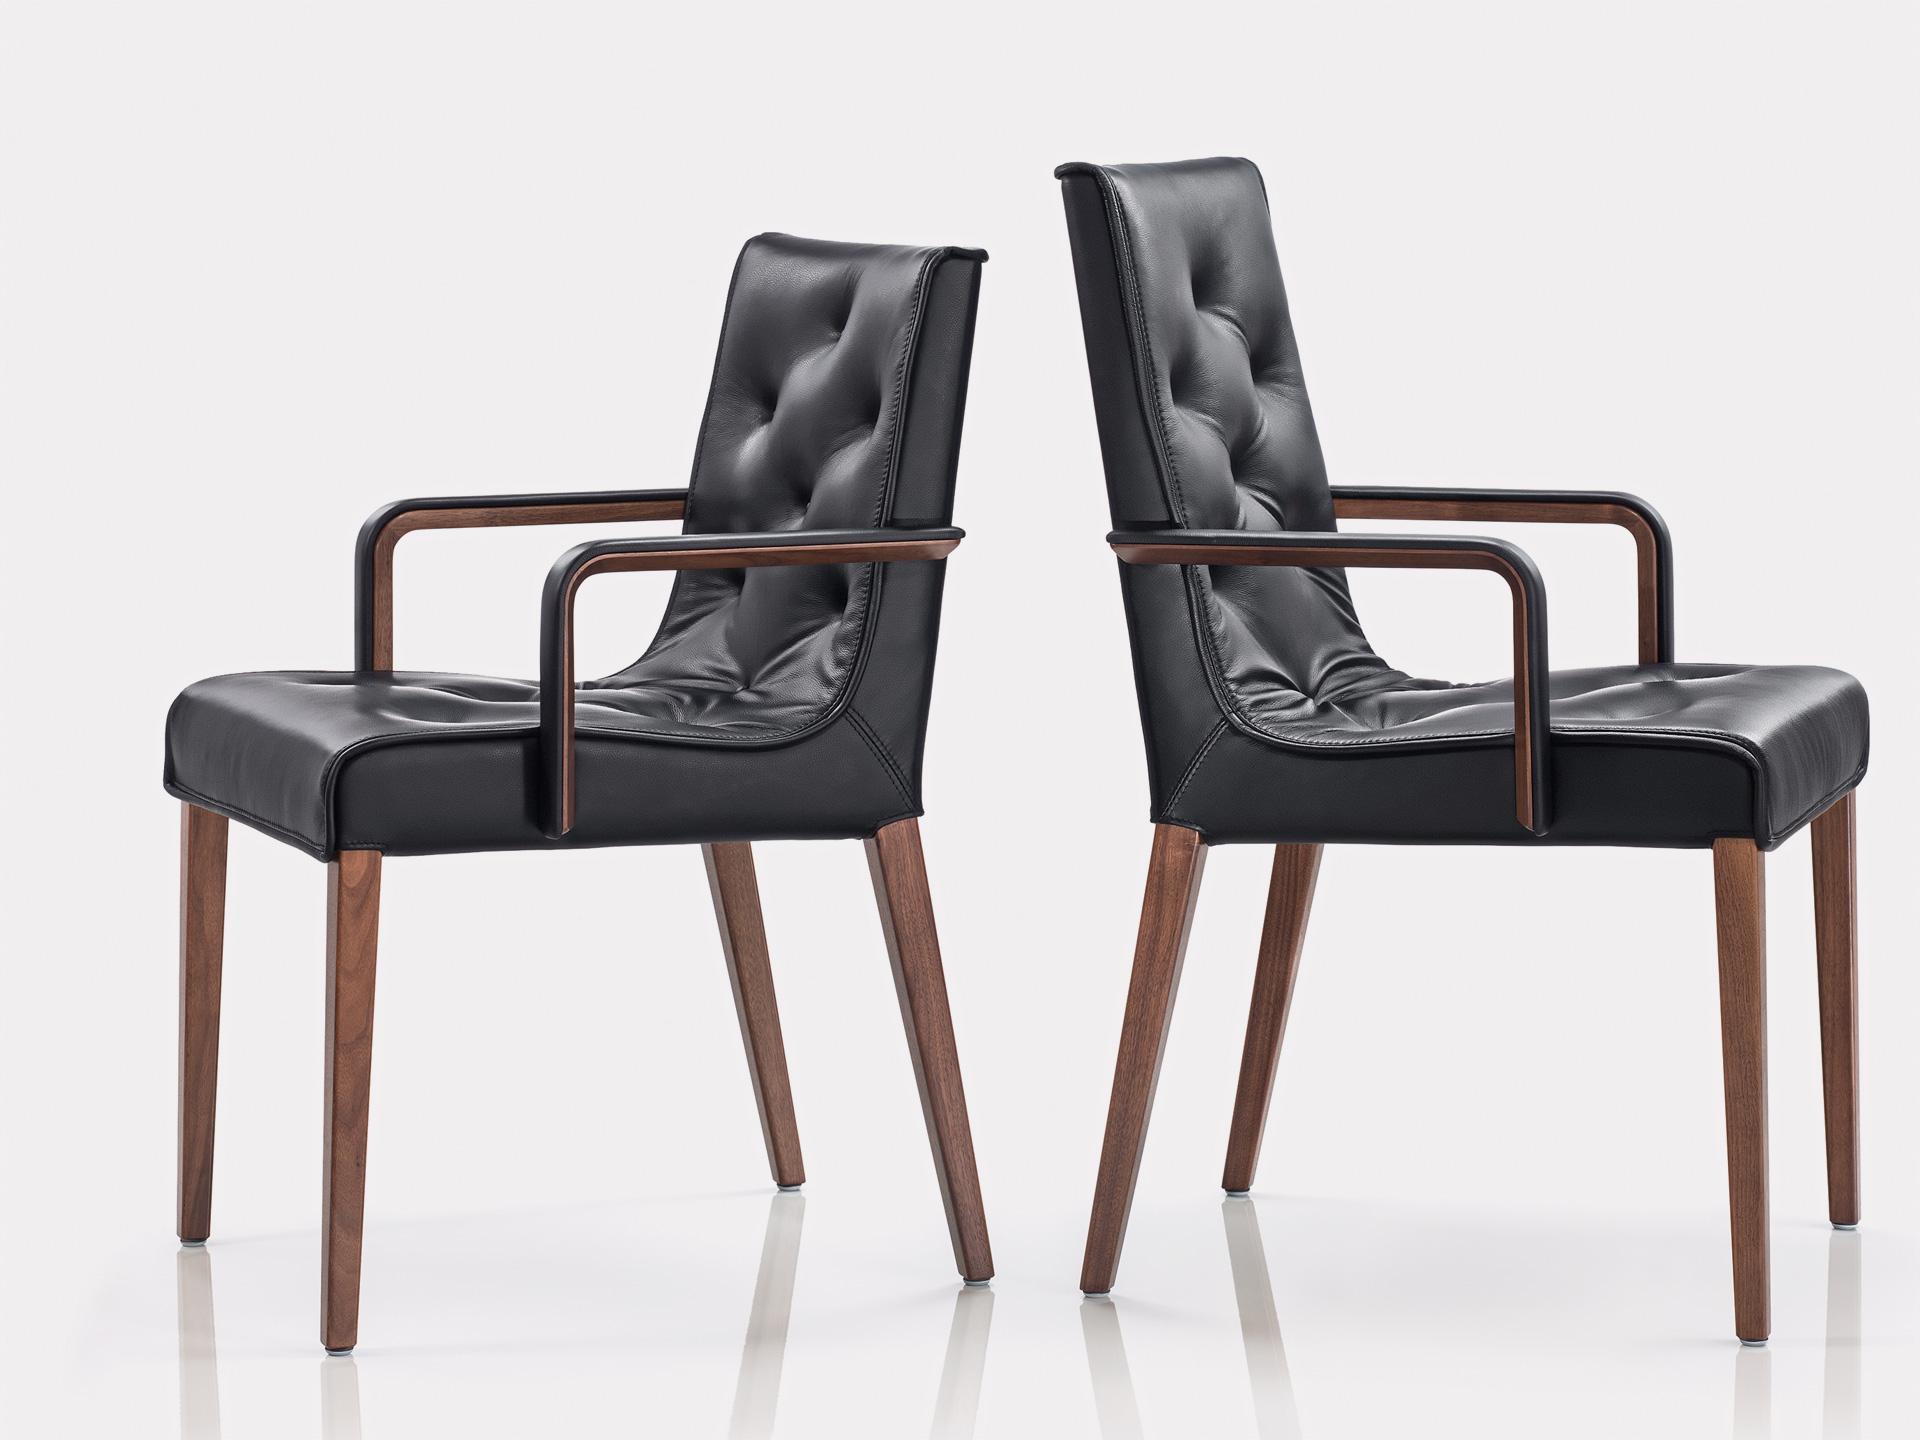 sitzen bei tisch ein echter wittmann stuhl steht f r gem tlichkeit bruno wickart blog. Black Bedroom Furniture Sets. Home Design Ideas